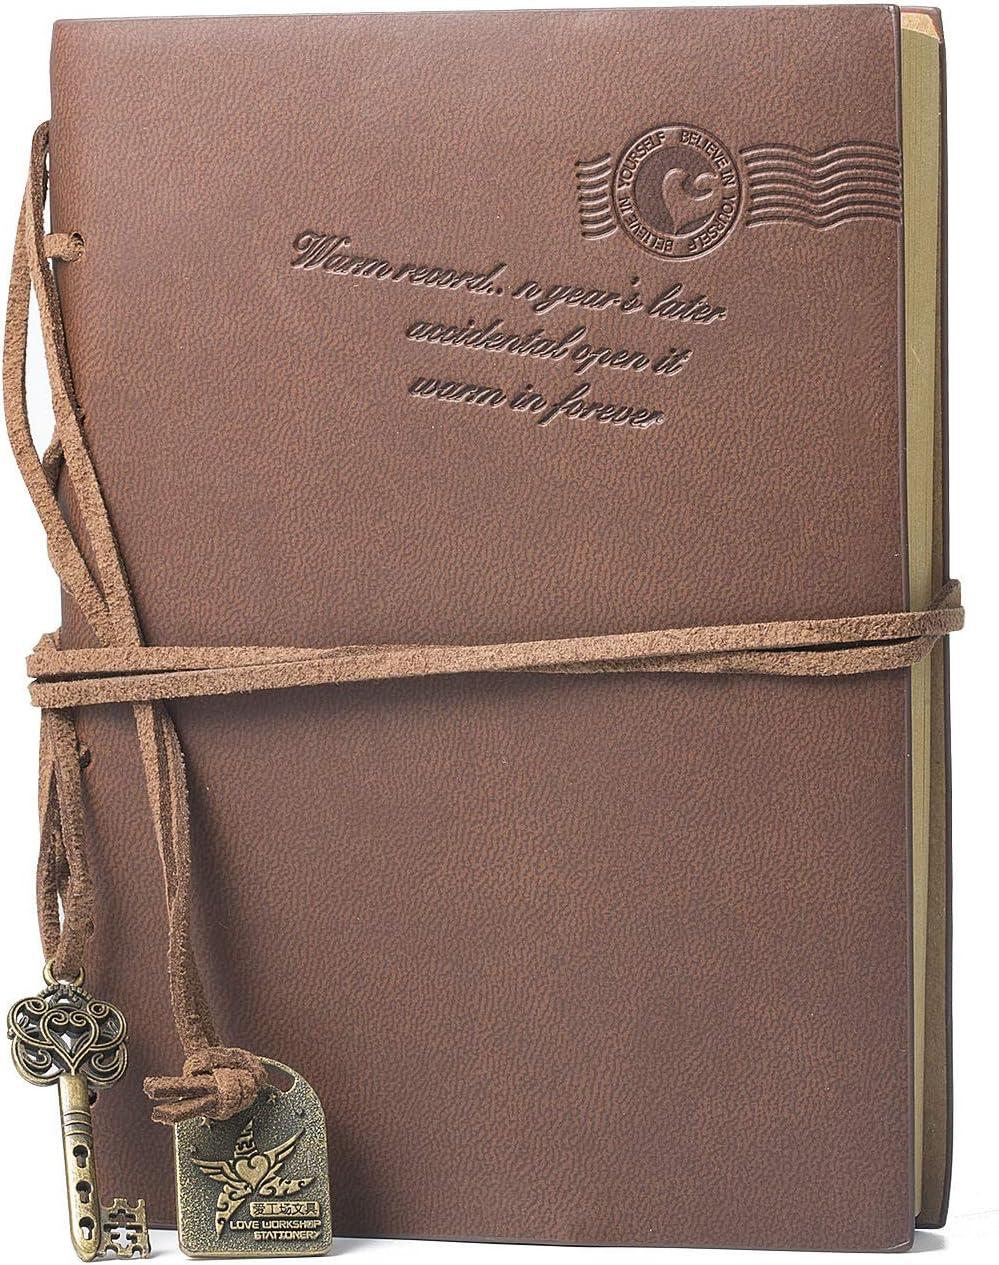 Wolintek Cuaderno de Cuero,Cuaderno de Notas Vintage Cuadernos Bonitos de Viaje con n Regalo Gratis